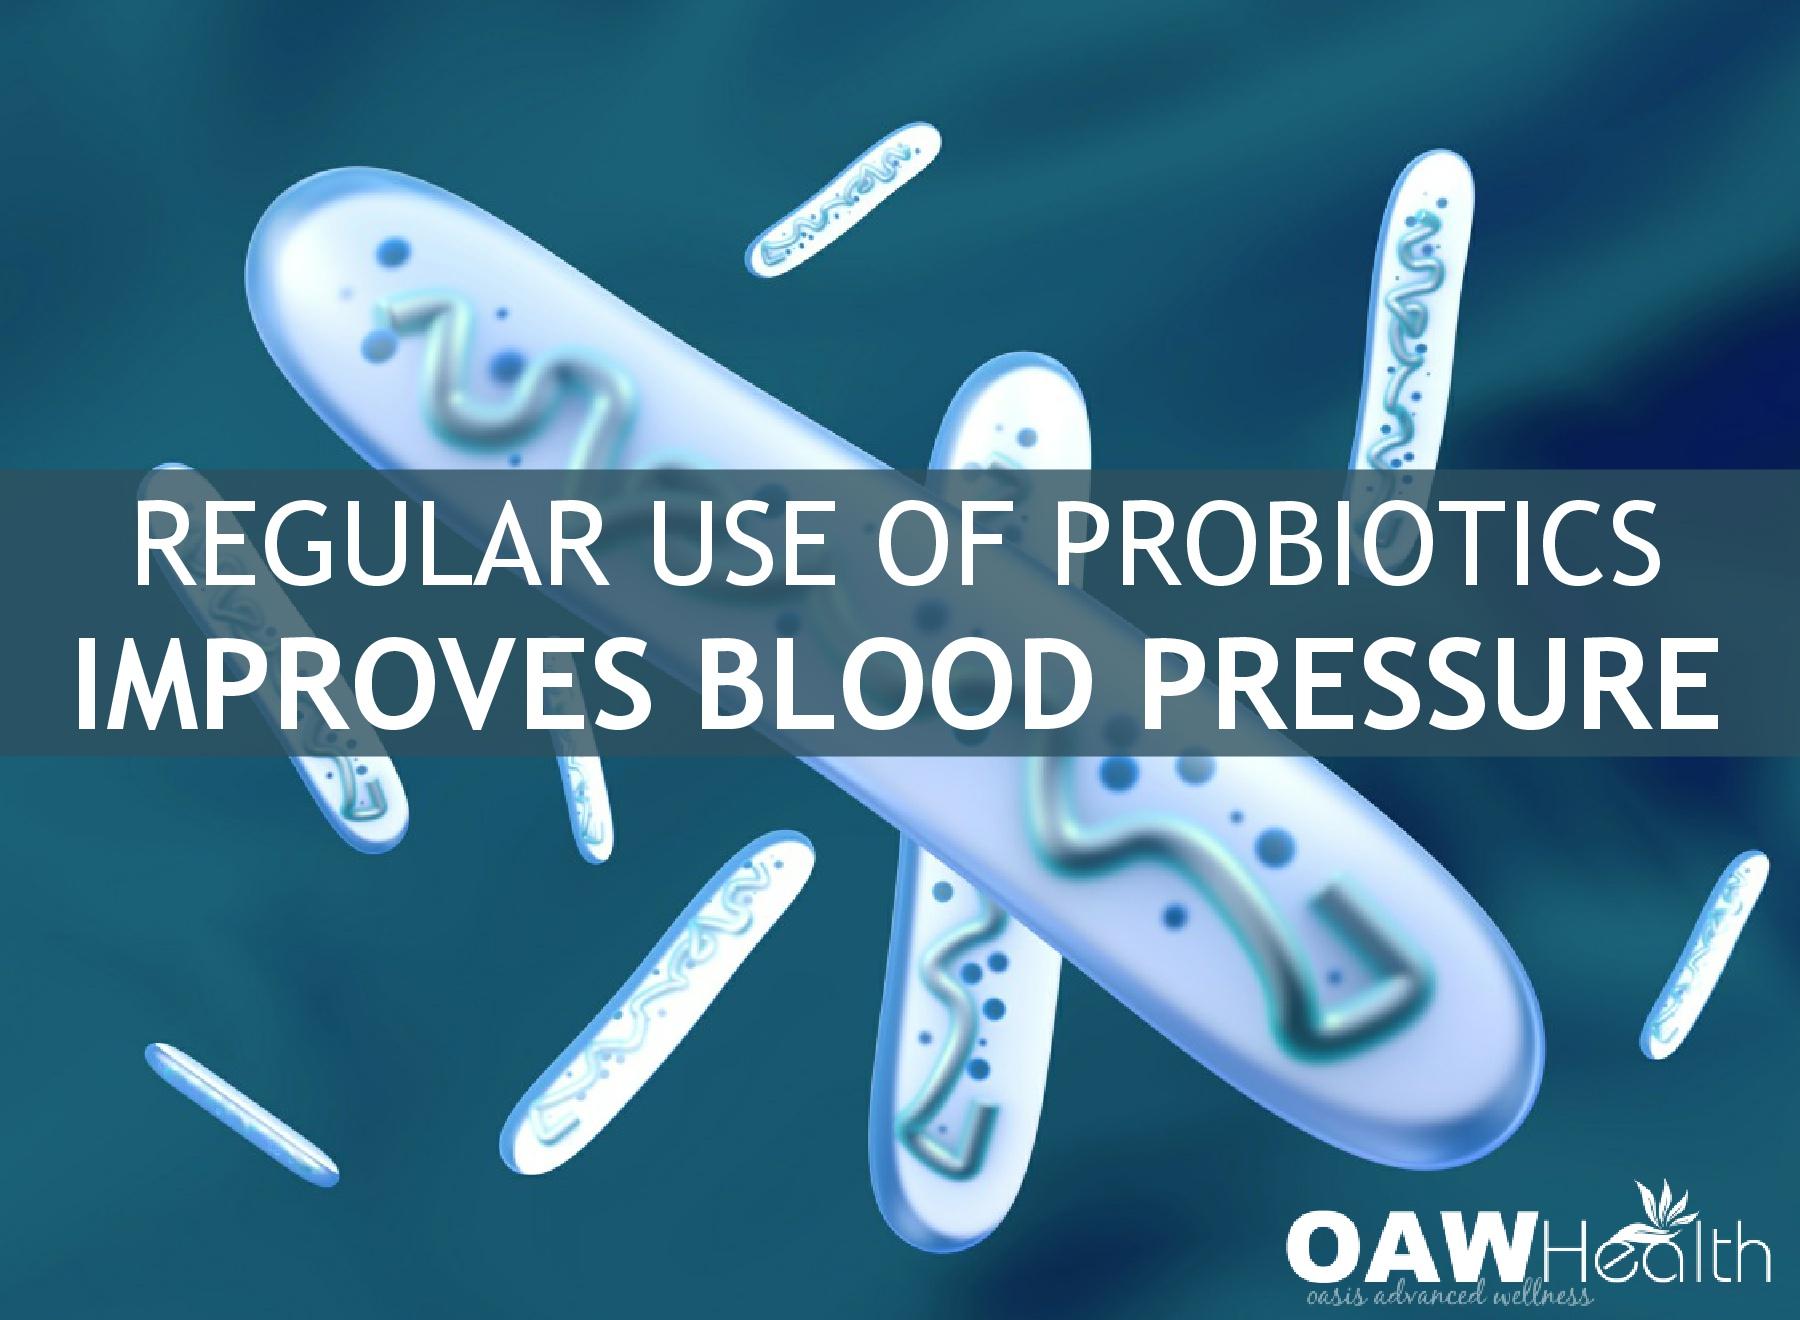 Regular Use of Probiotics Improves Blood Pressure